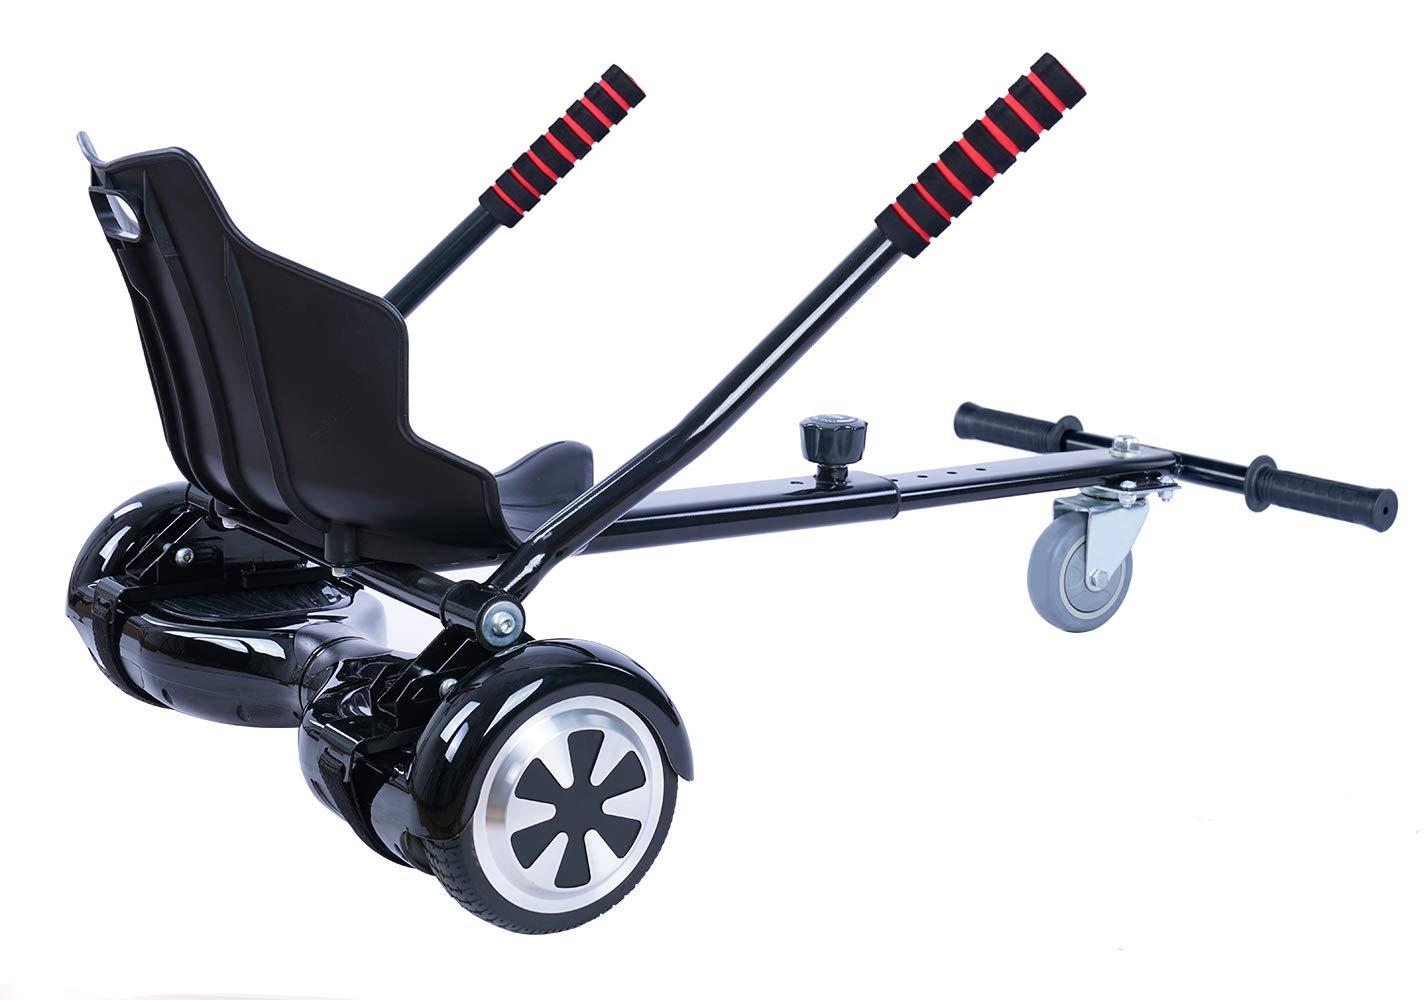 Amazon.com: ULIKEIT - Accesorio para asiento de hoverboard ...